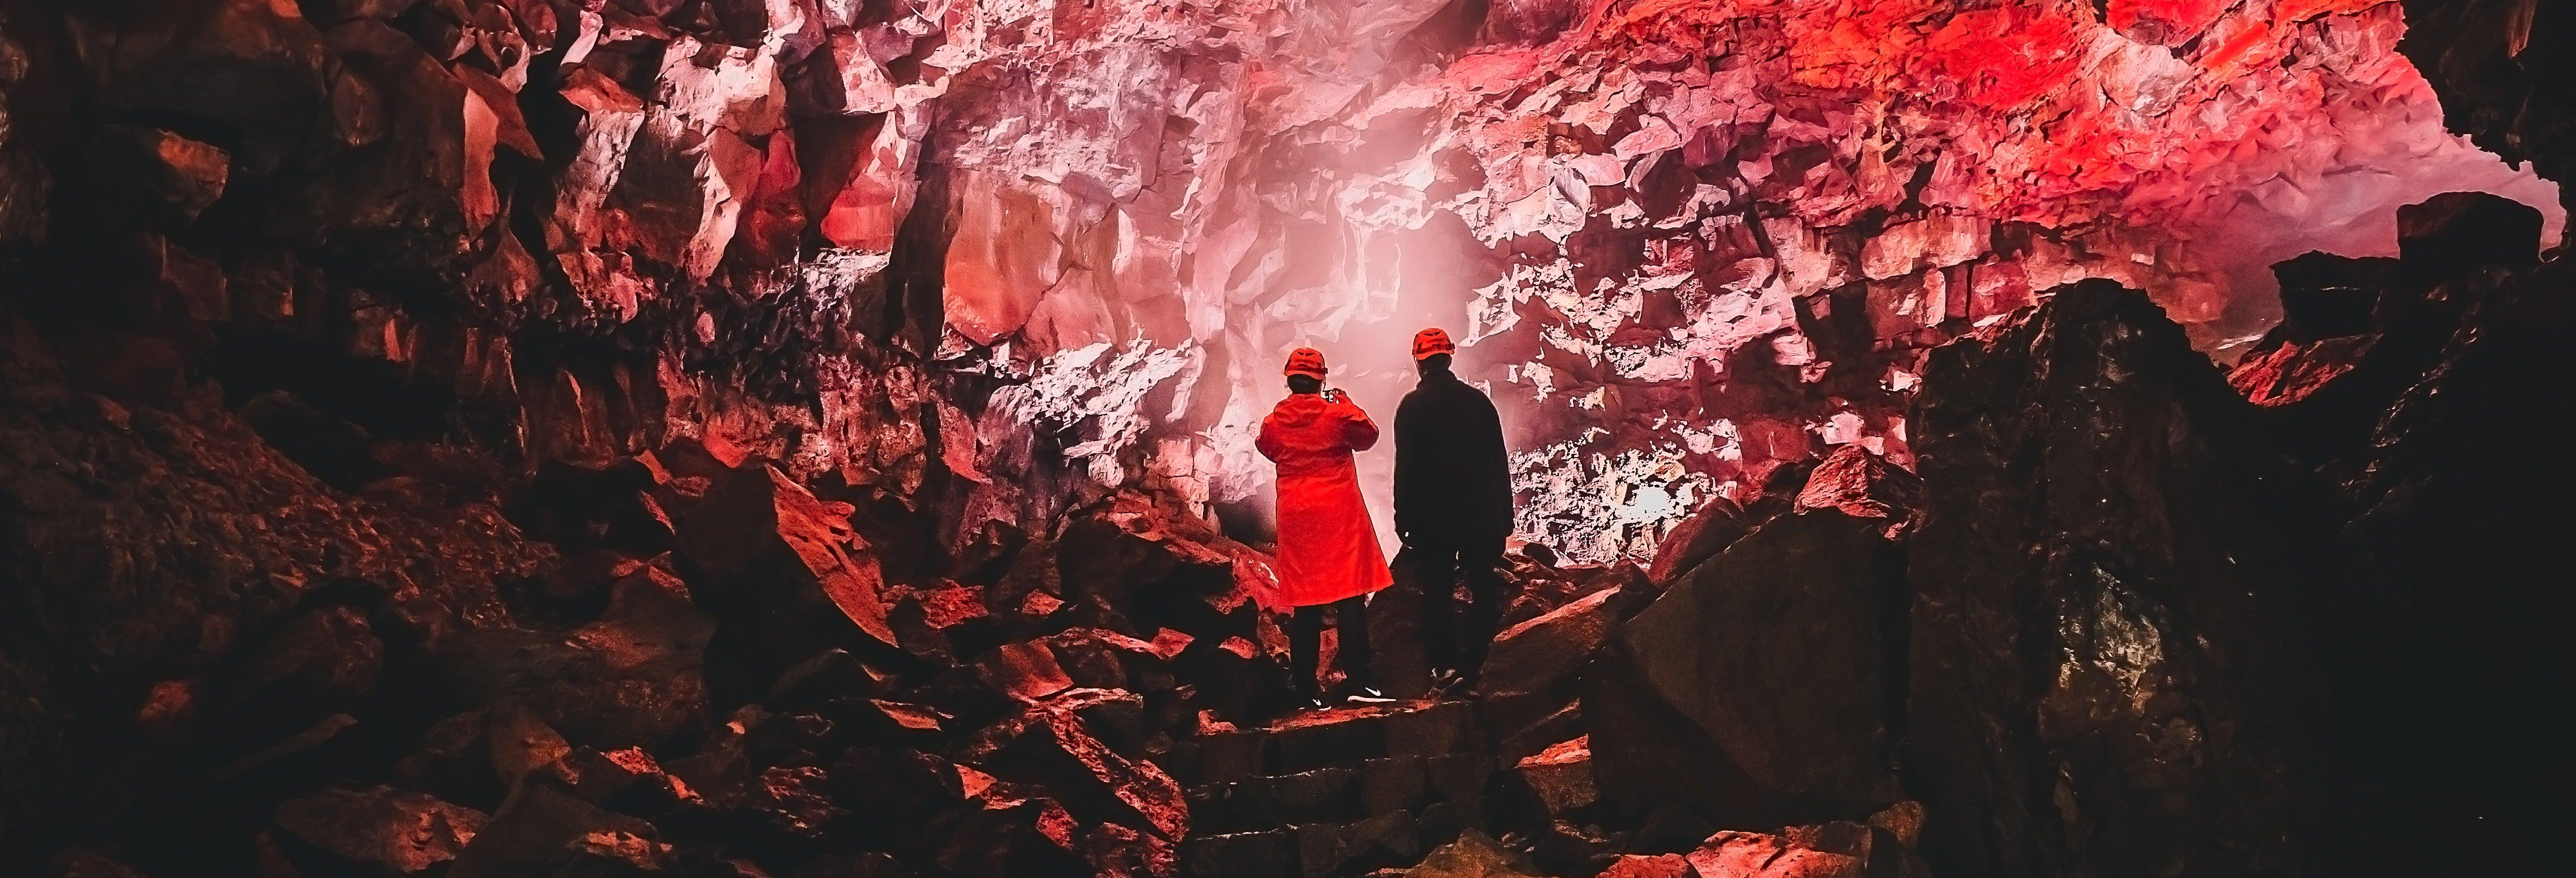 Tour del tunnel di lava di Raufarhólshellir